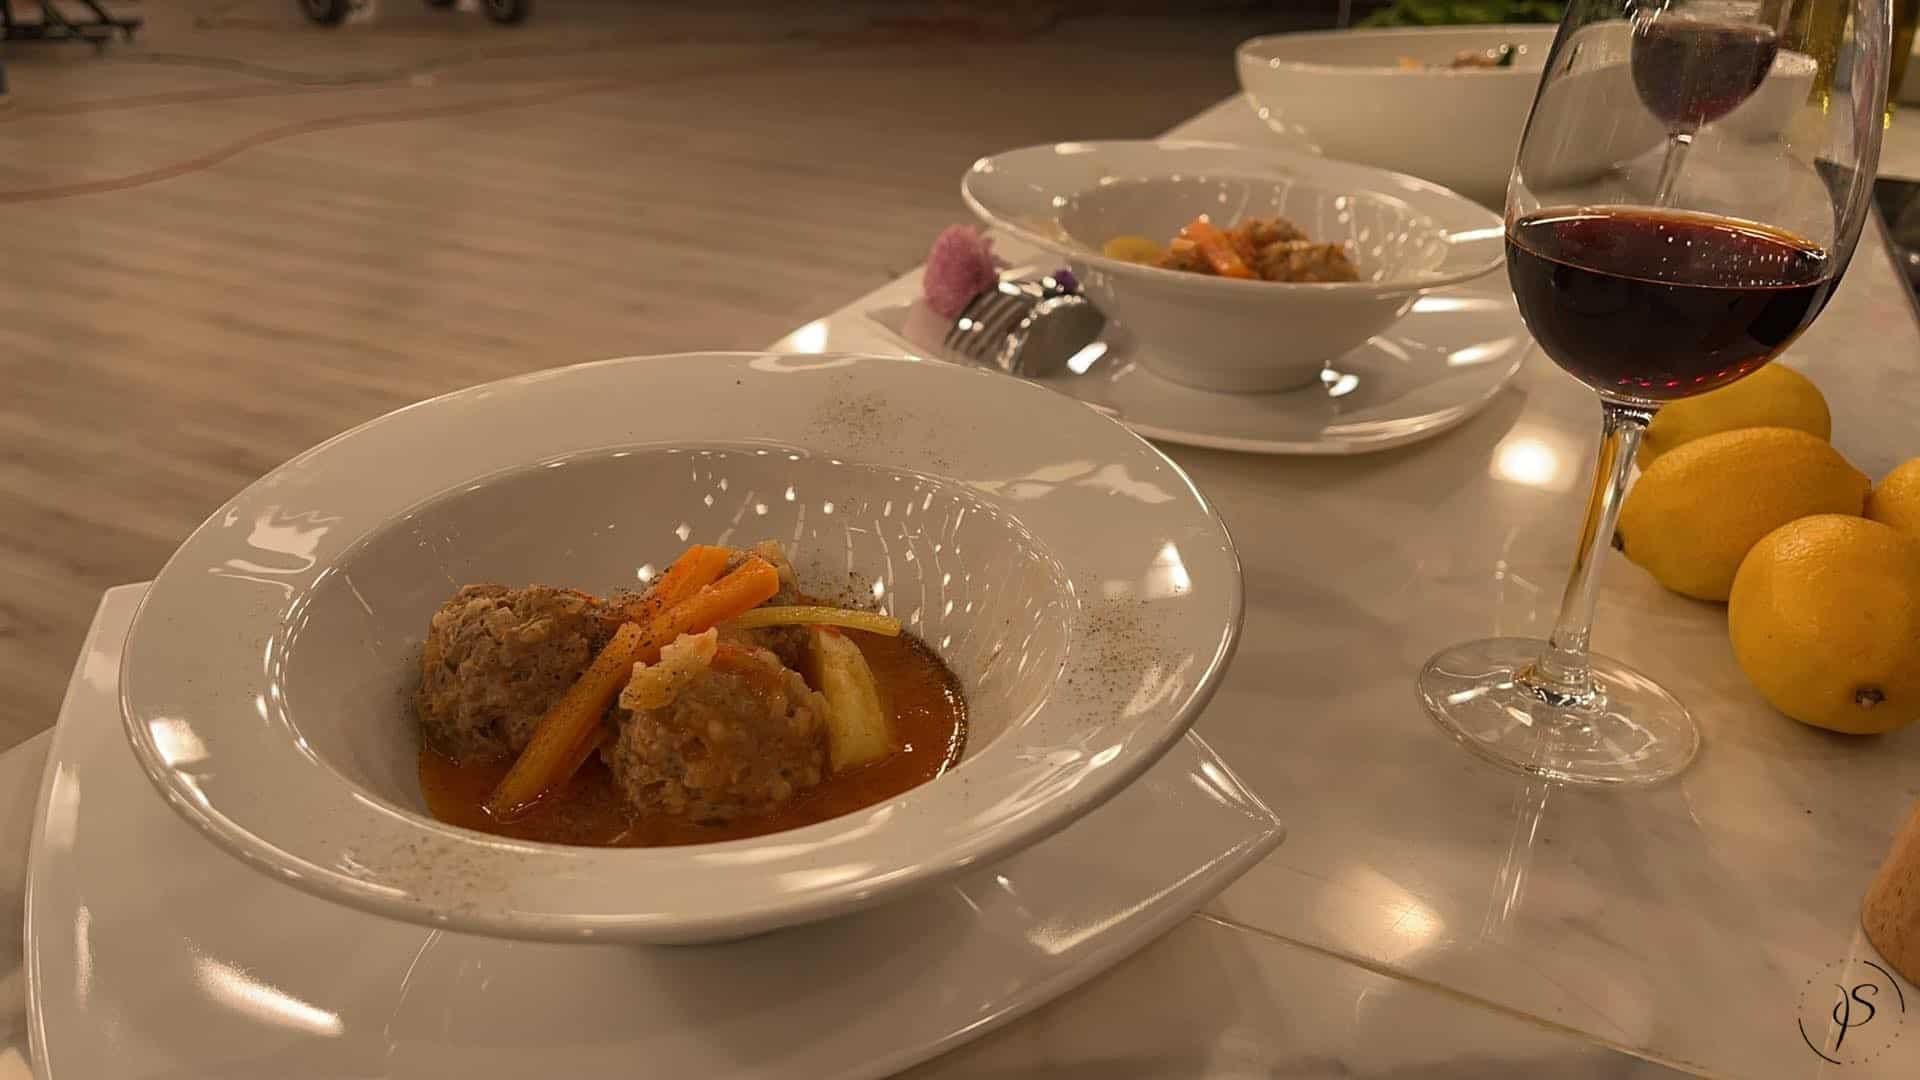 Γιουβαρλάκια κοκκινιστά με λαχανικά σούπα